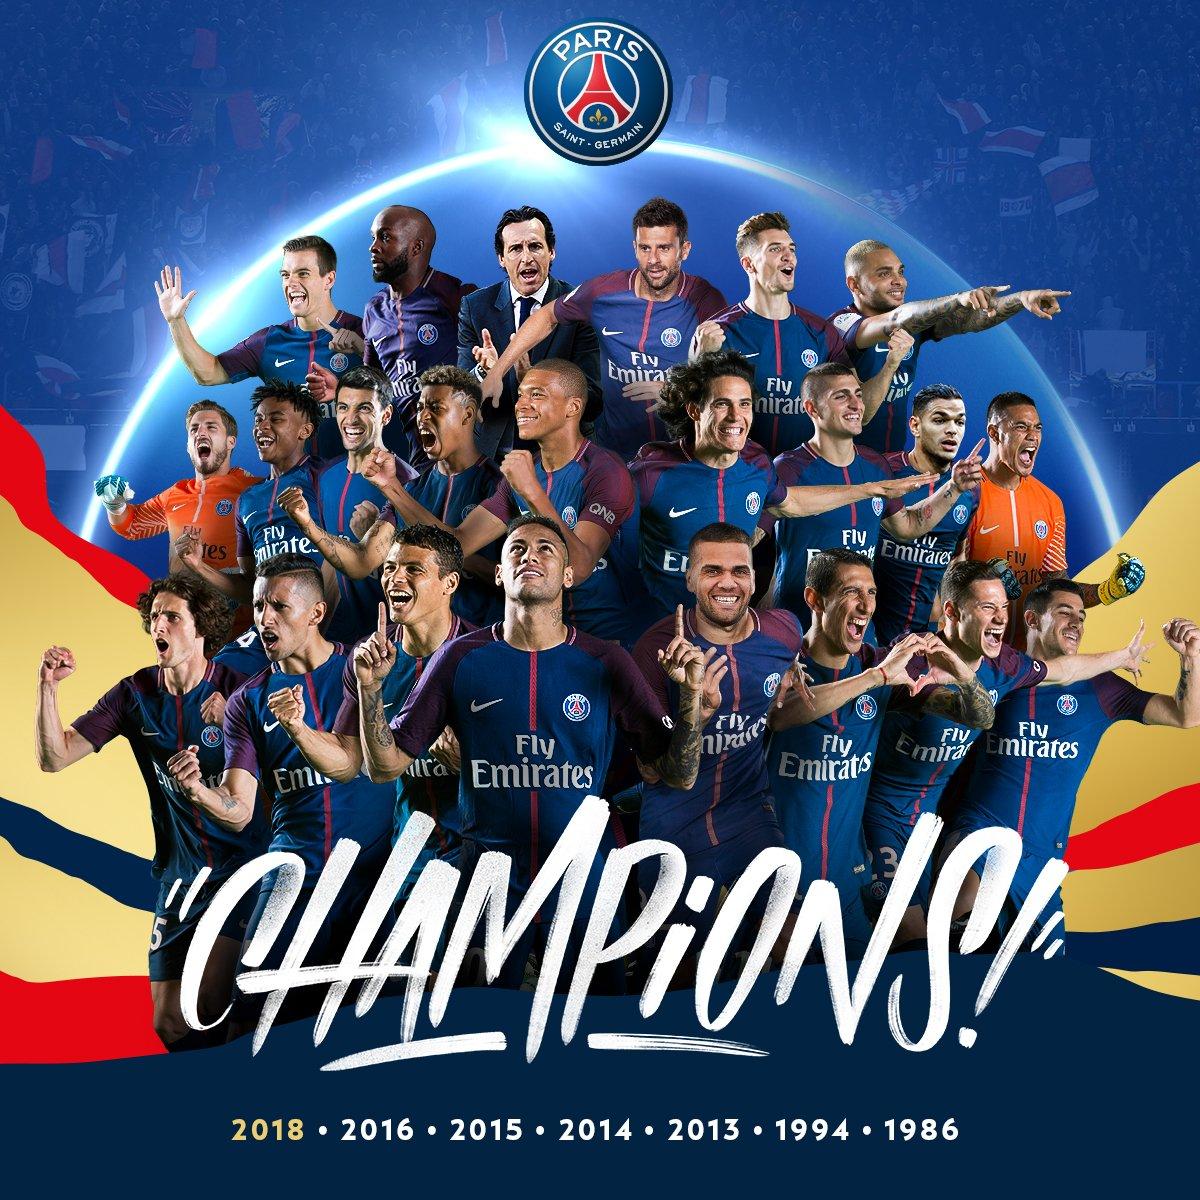 باريس سان جيرمان بطل الدوري الفرنسيى موسم 2017 ــ 2018